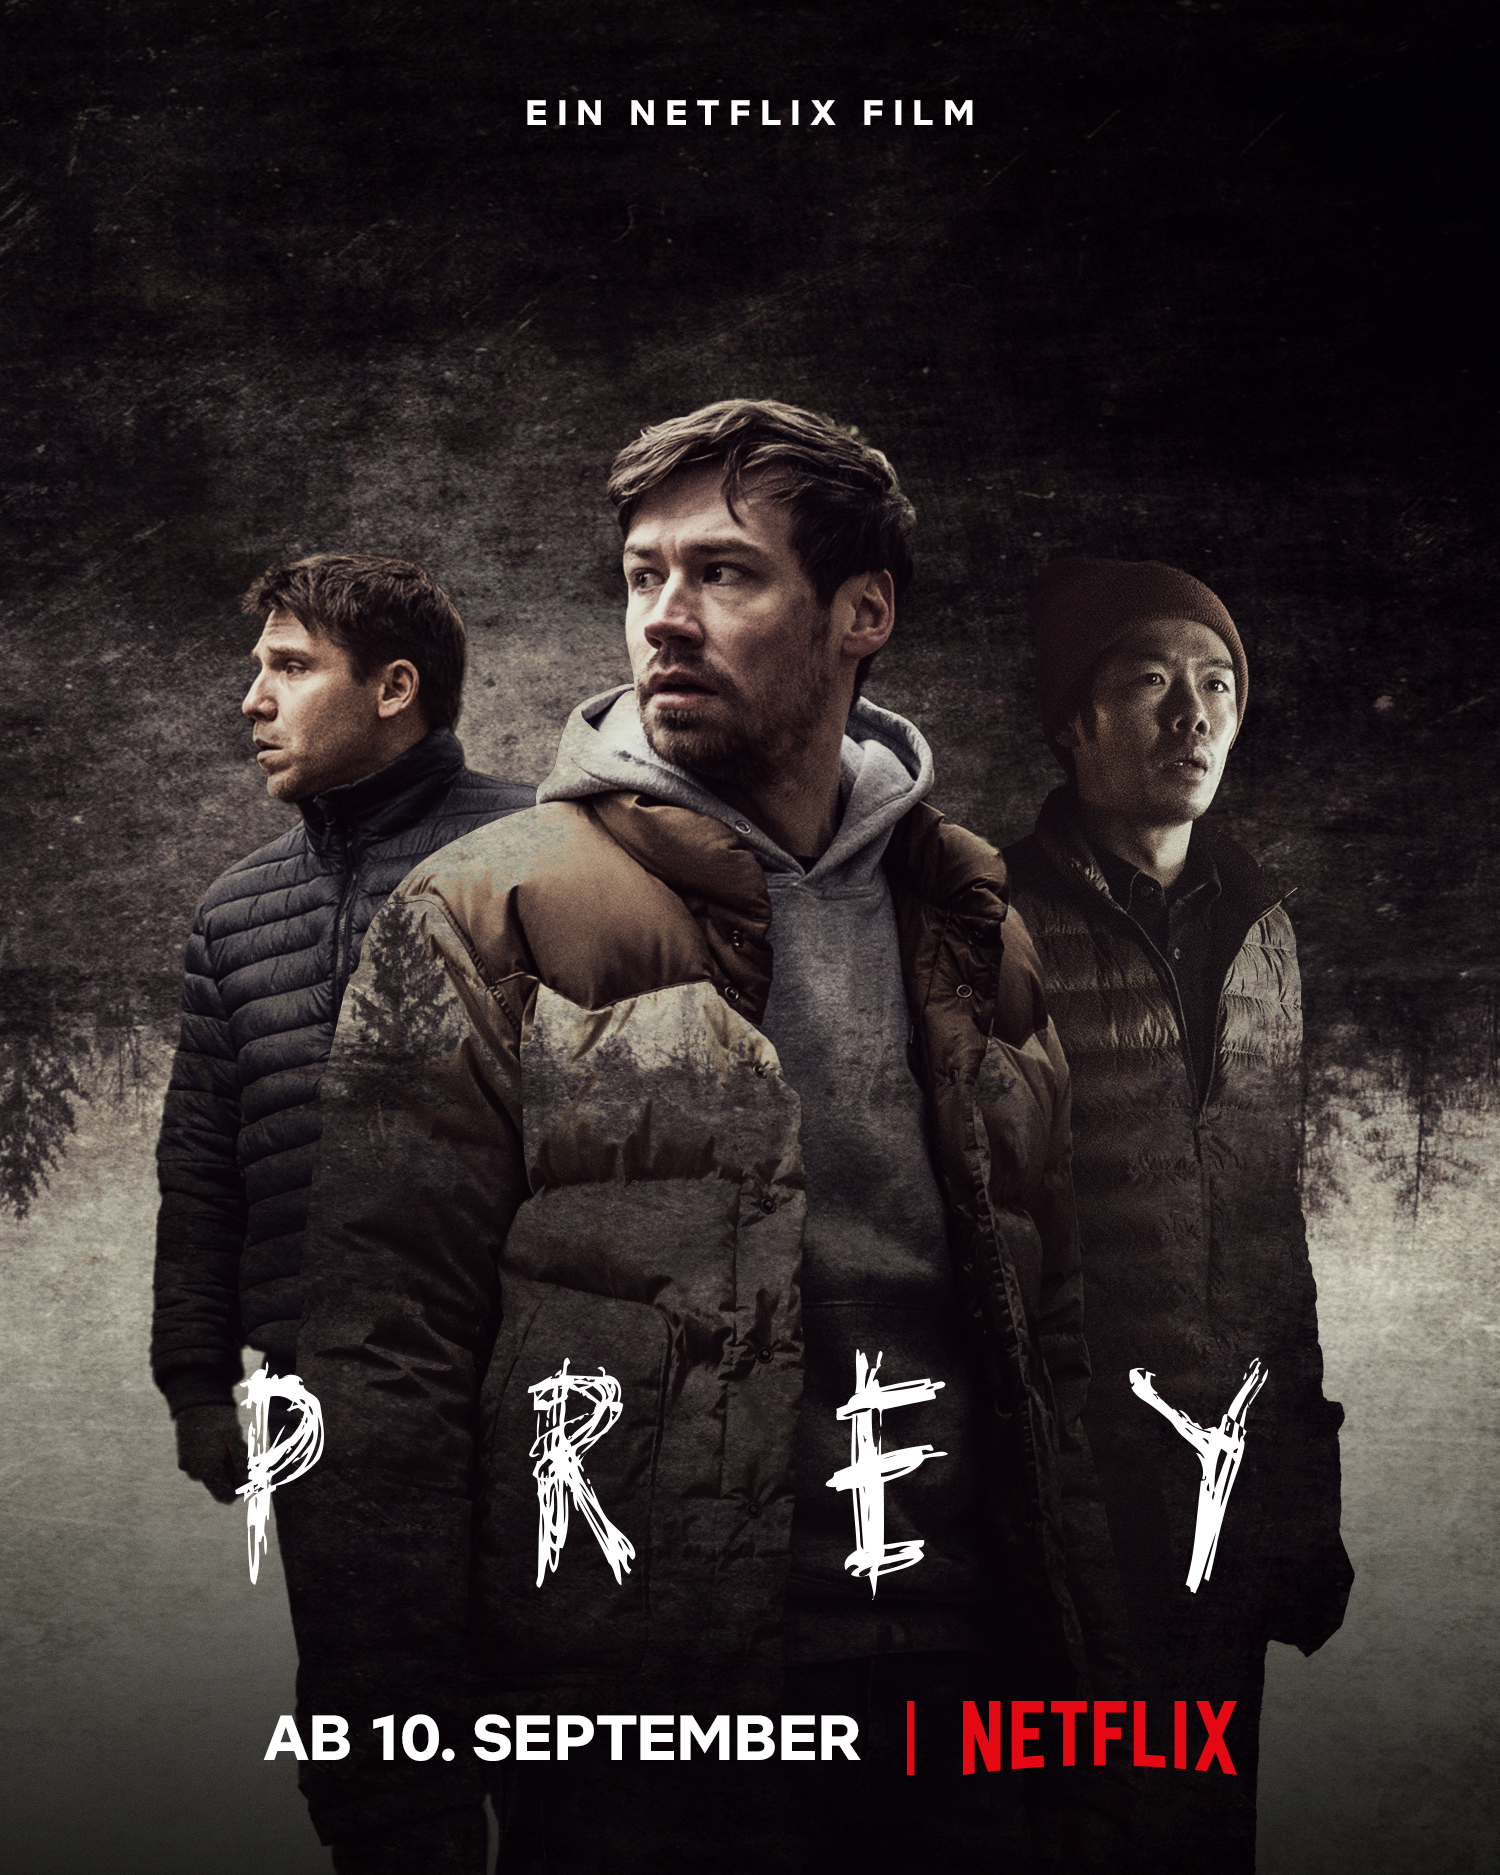 Das deutsche Plakat zum Film Prey zeigt die Hauptfigur Roman in der Mitte und links und rechts daneben zwei Begleiter. Unten im Bild steht das Startdatum, der 10. September.